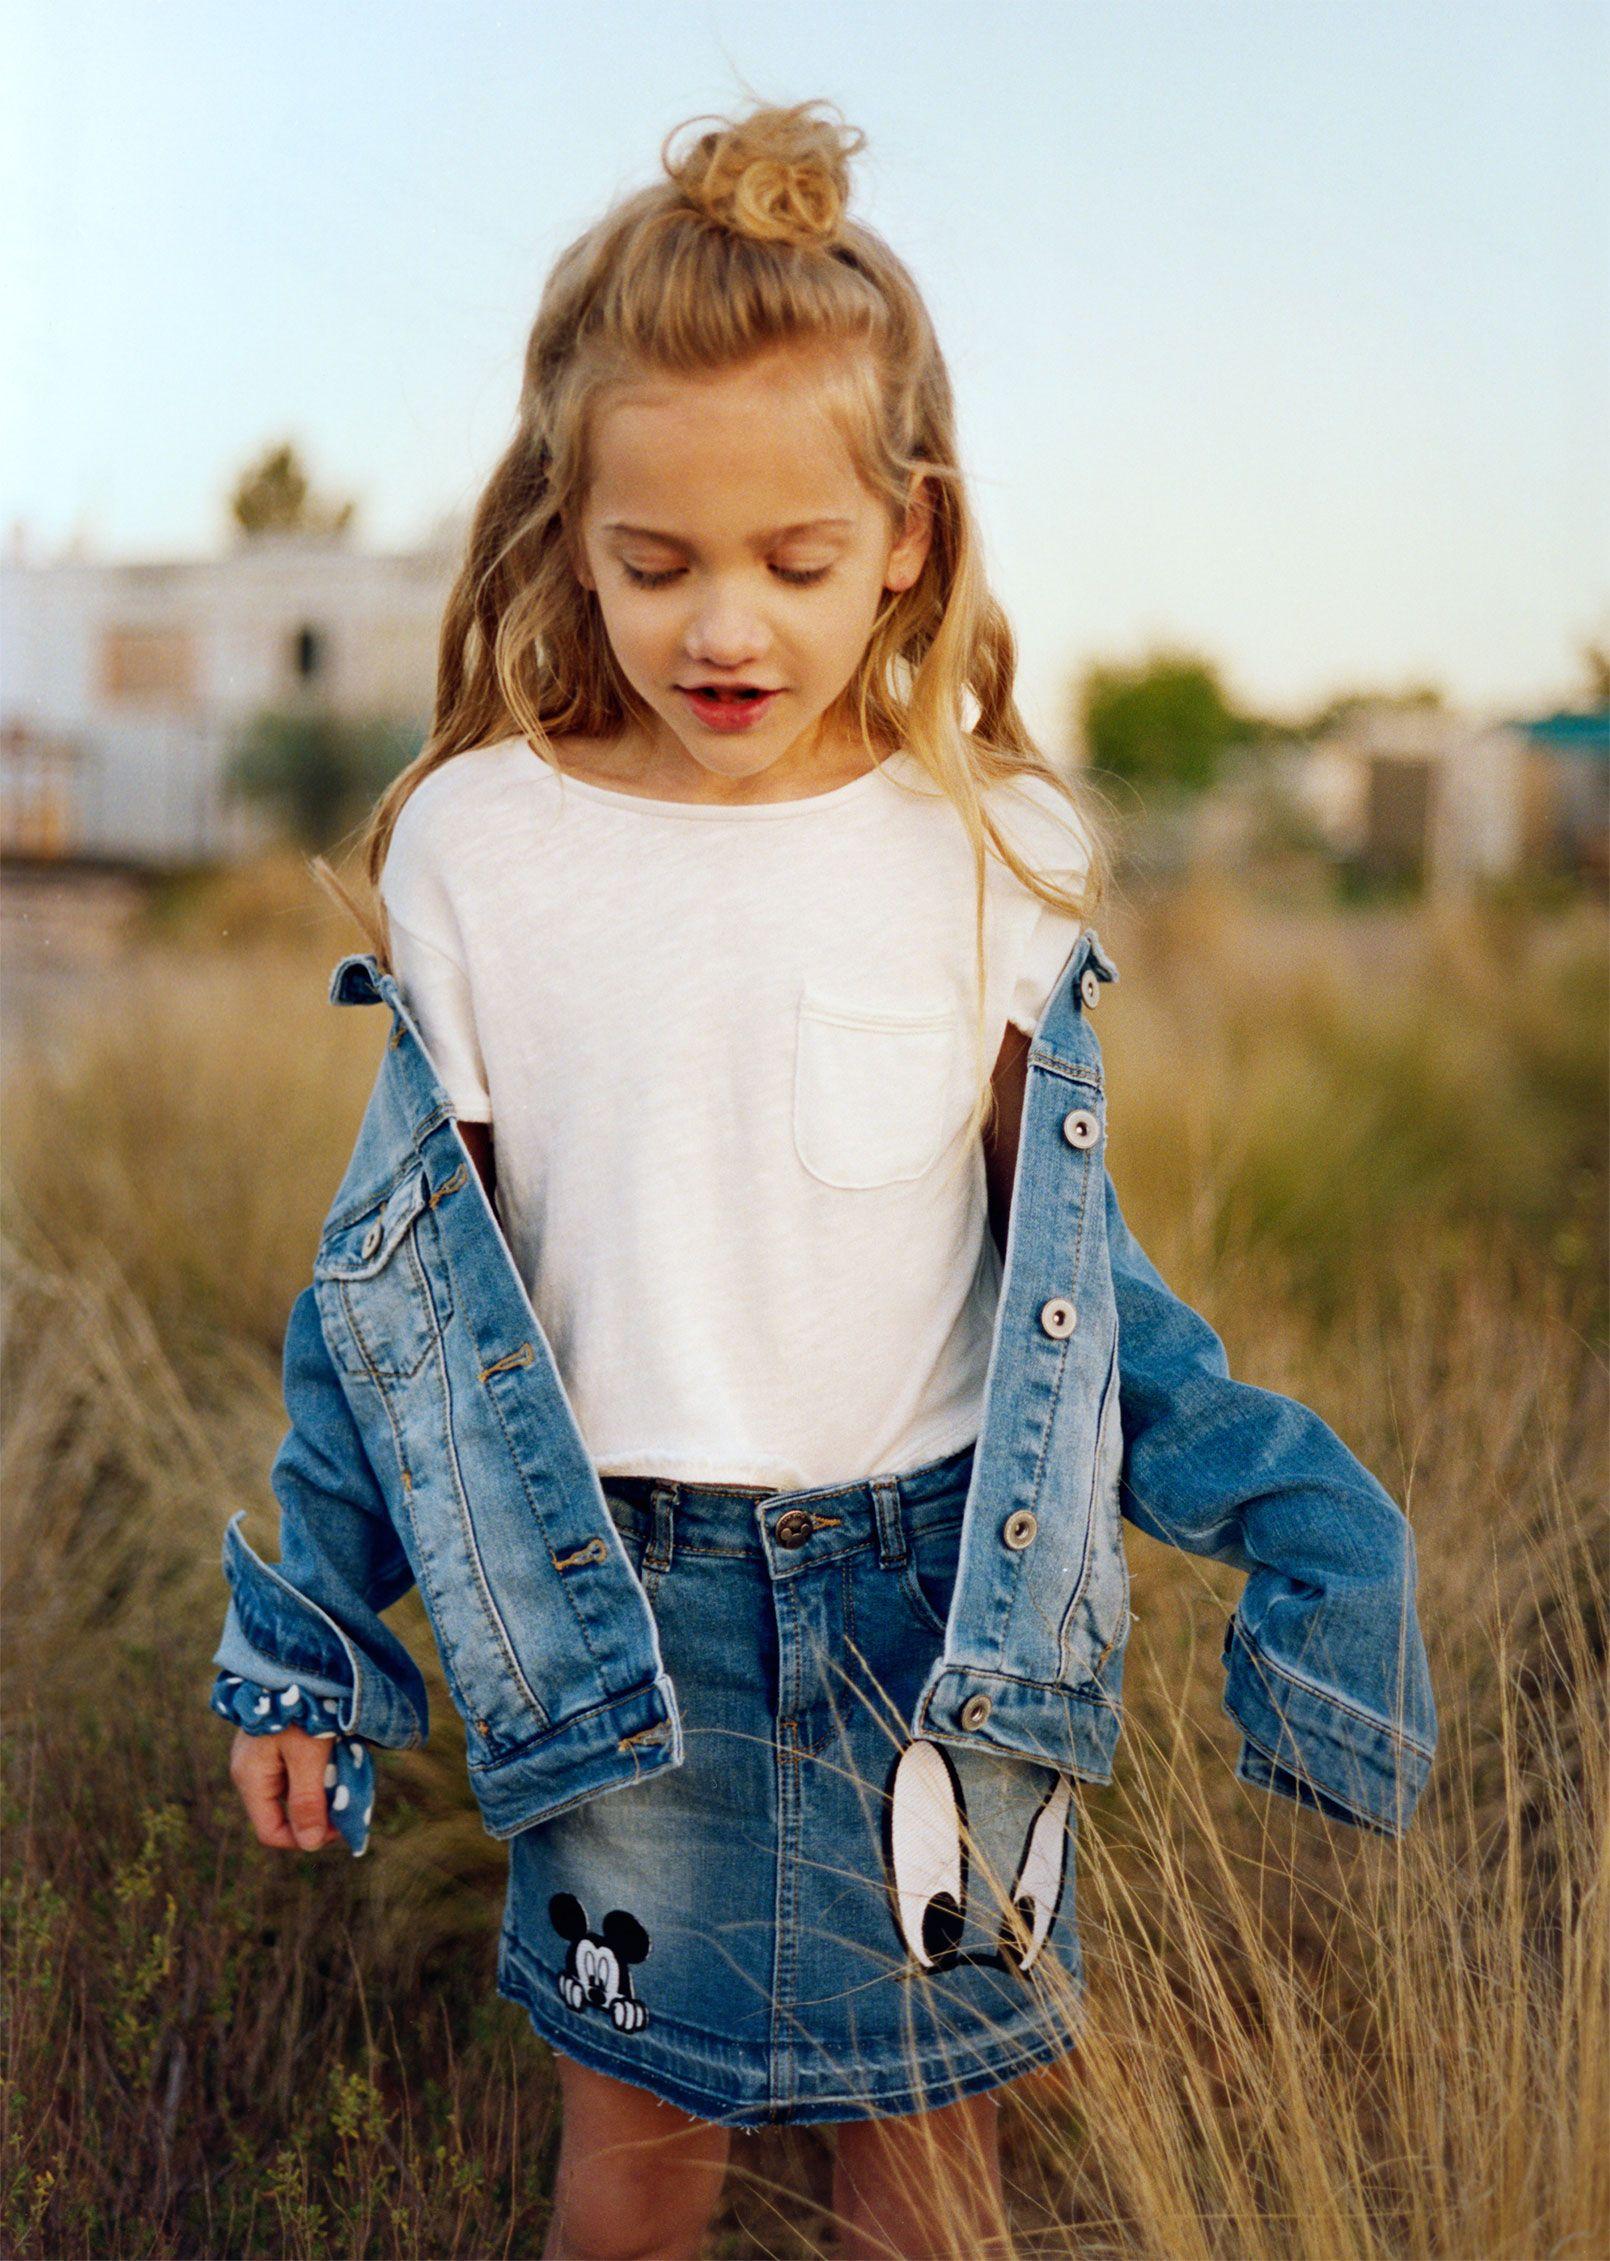 SUMMER CAMP GIRL KIDS EDITORIALS ZARA United States